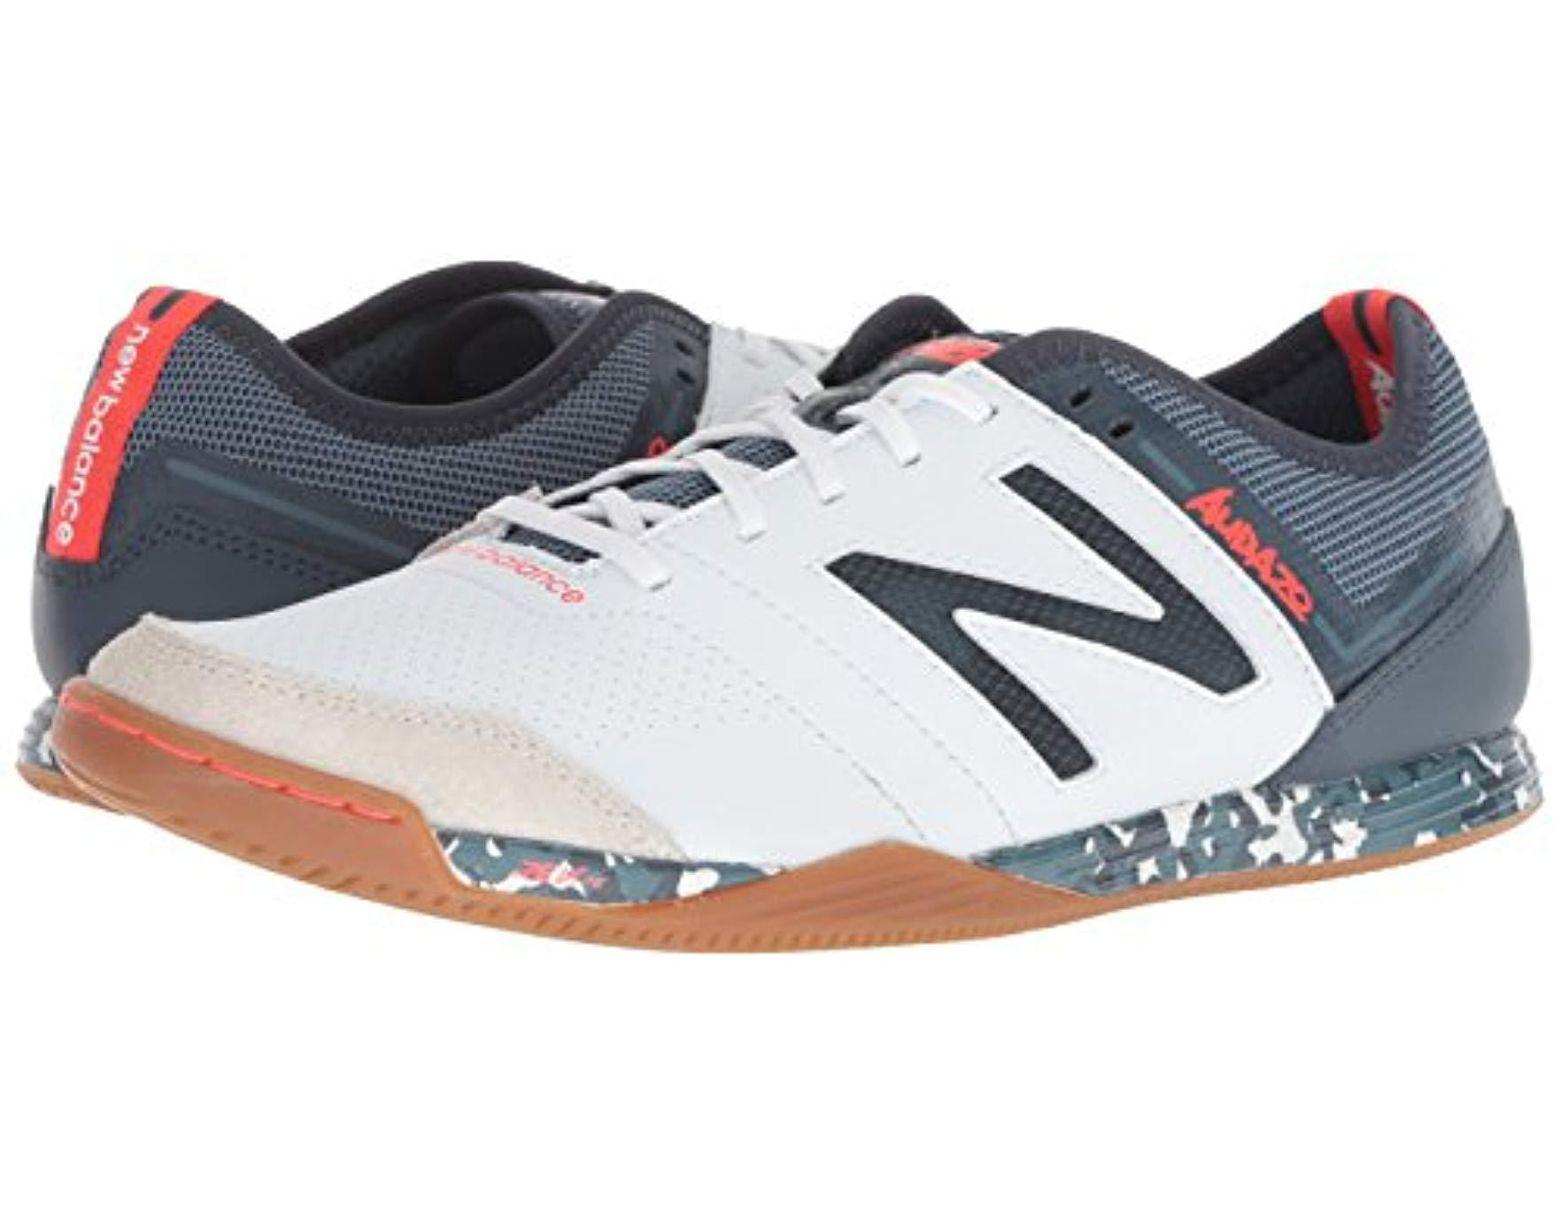 4558bfafe05e9 New Balance Audazo V3 Soccer Shoe in White for Men - Lyst